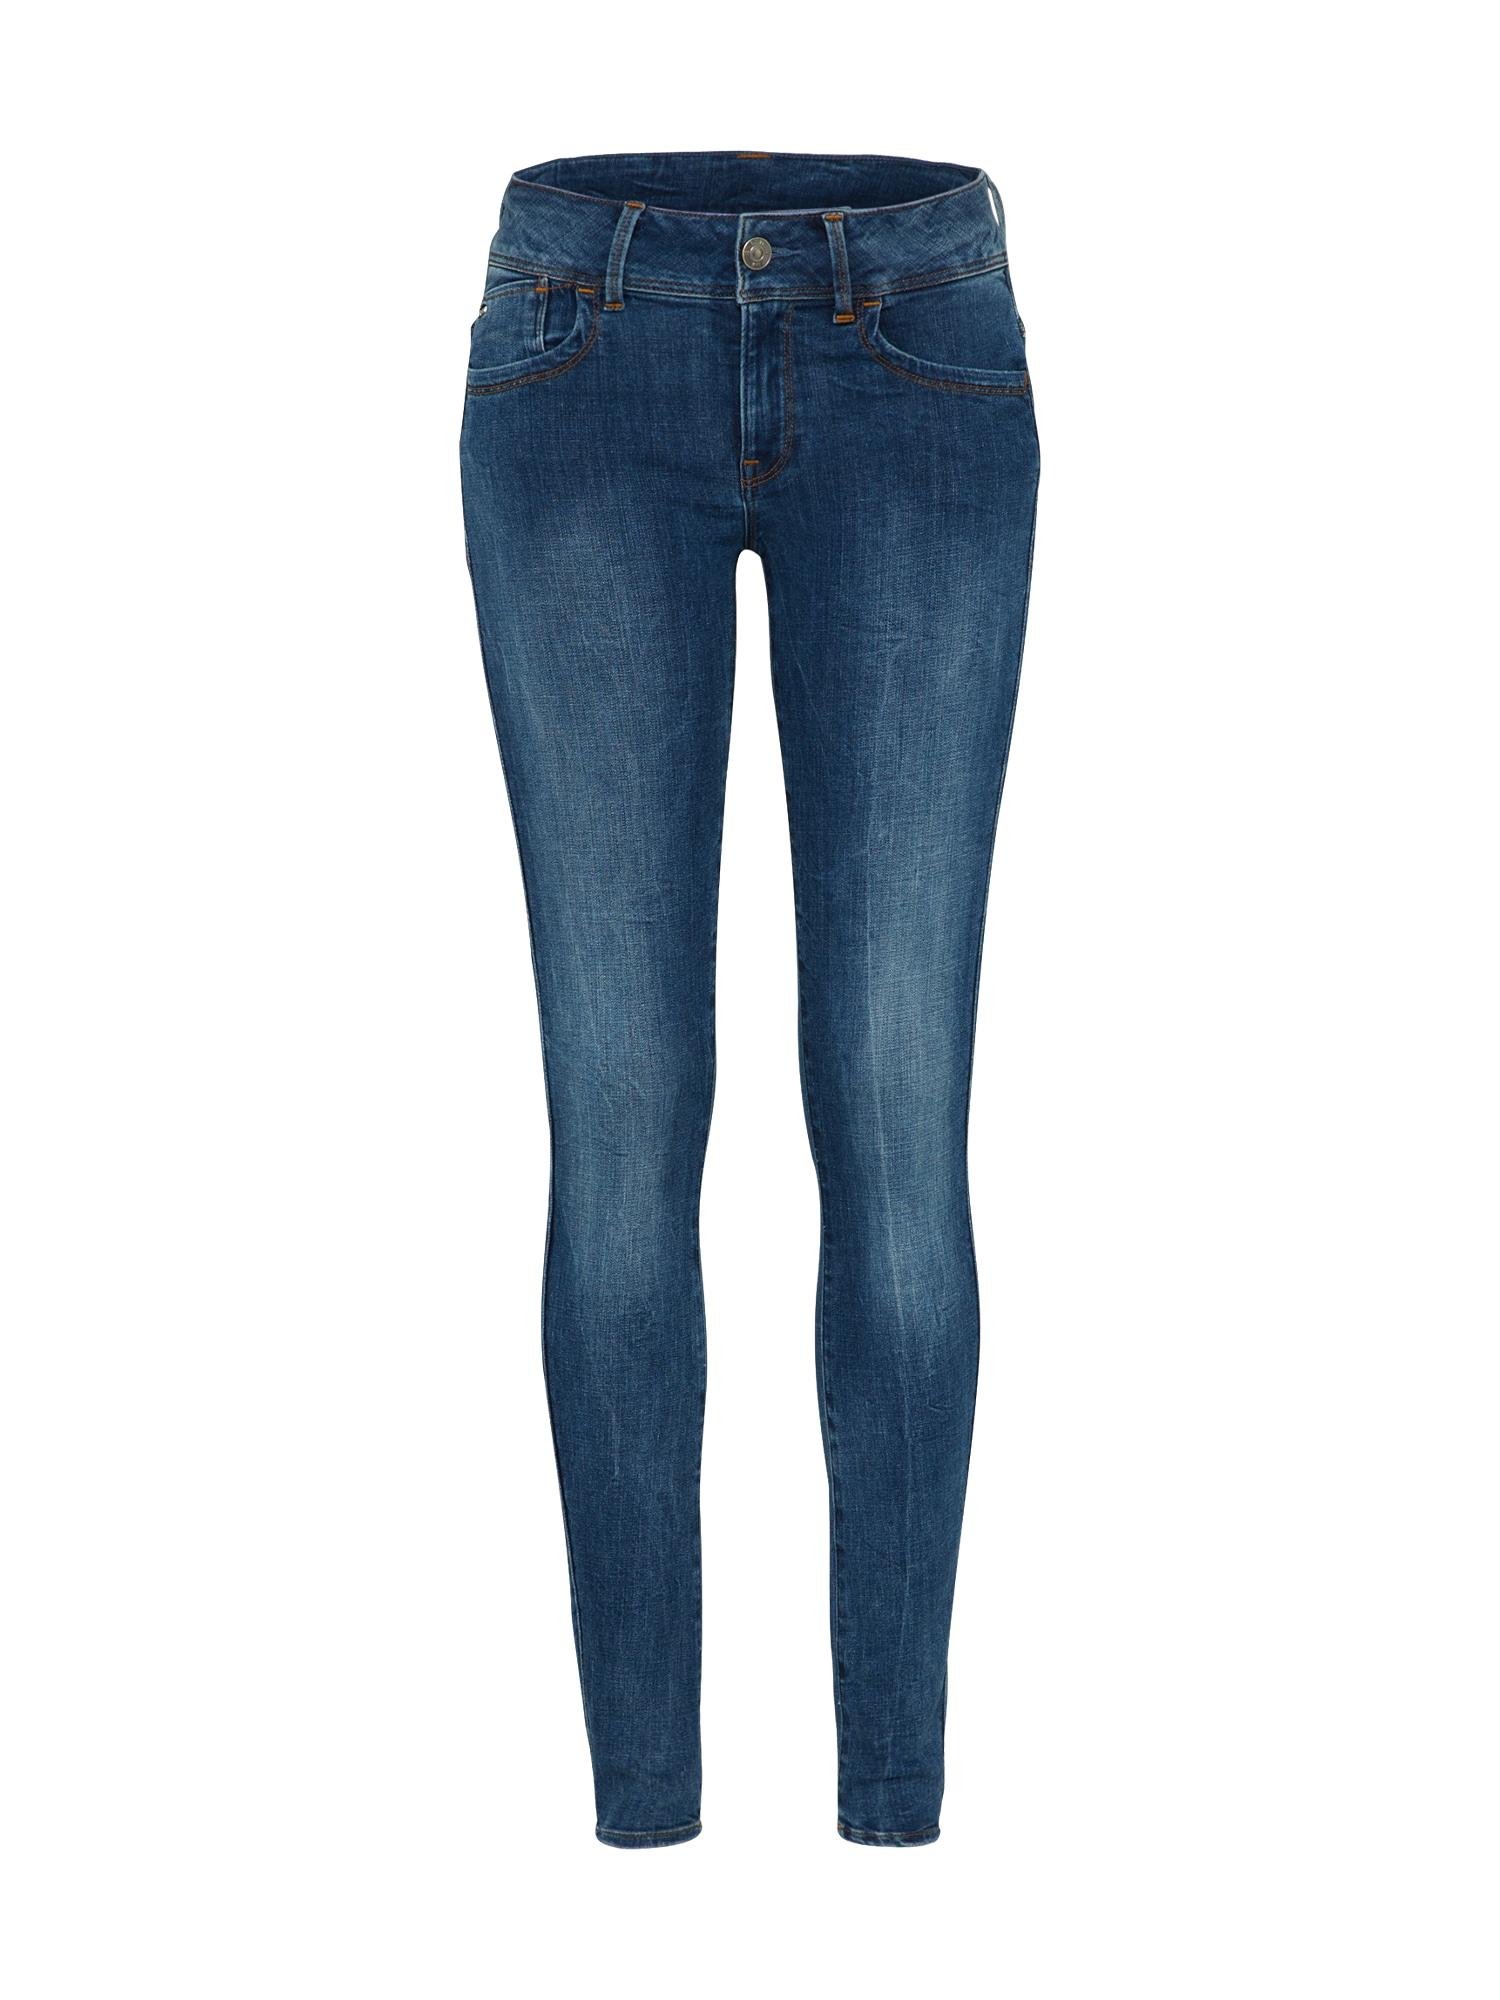 G-STAR RAW Dames Jeans Lynn blue denim